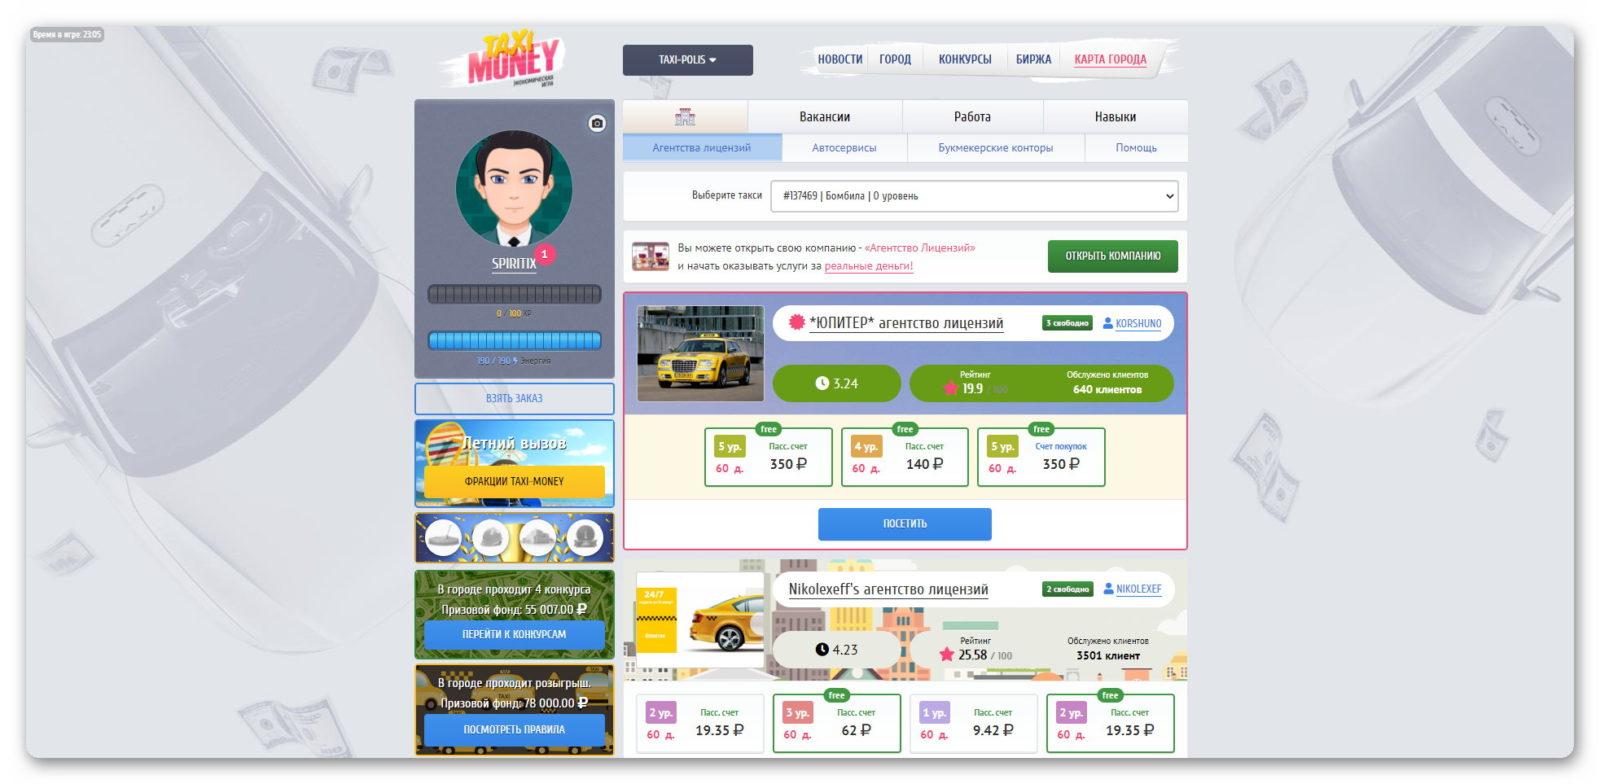 Агентства лицензий в игре Taxi-Money